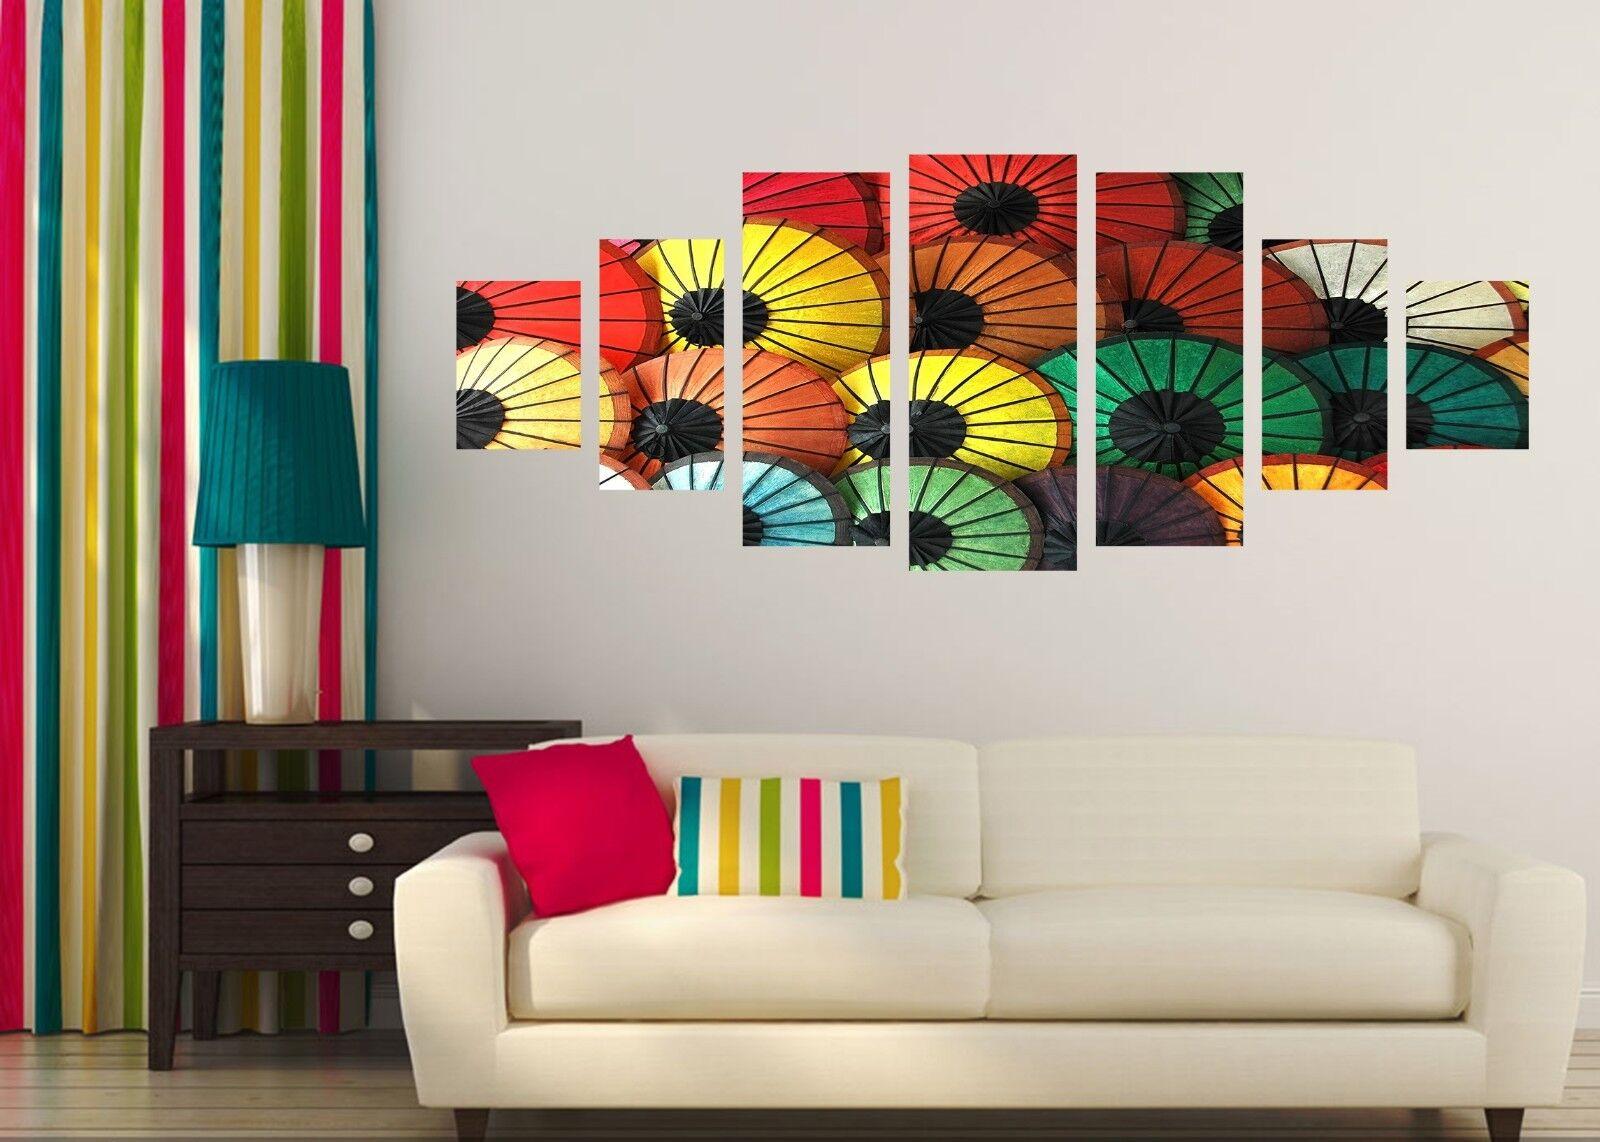 3D Umbrella Couleur 123 Unframed Print Wall Paper Deco Indoor AJ Summer